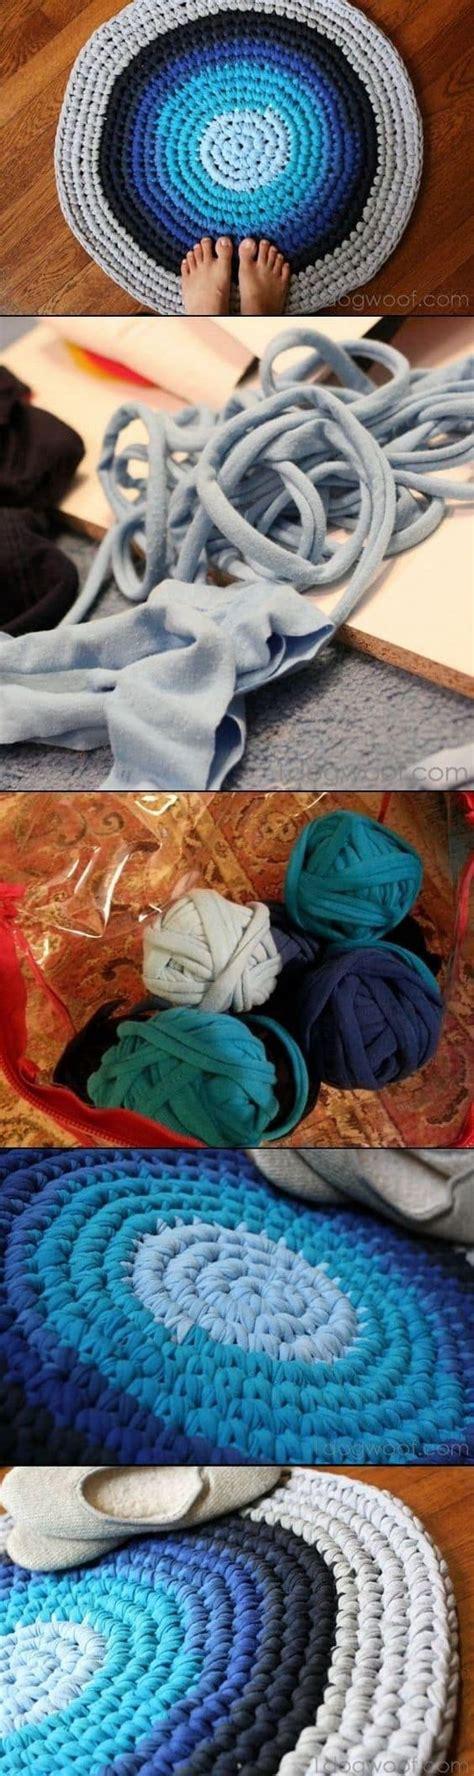 diy braided rug tutorial t shirt braided rug diy tutorial